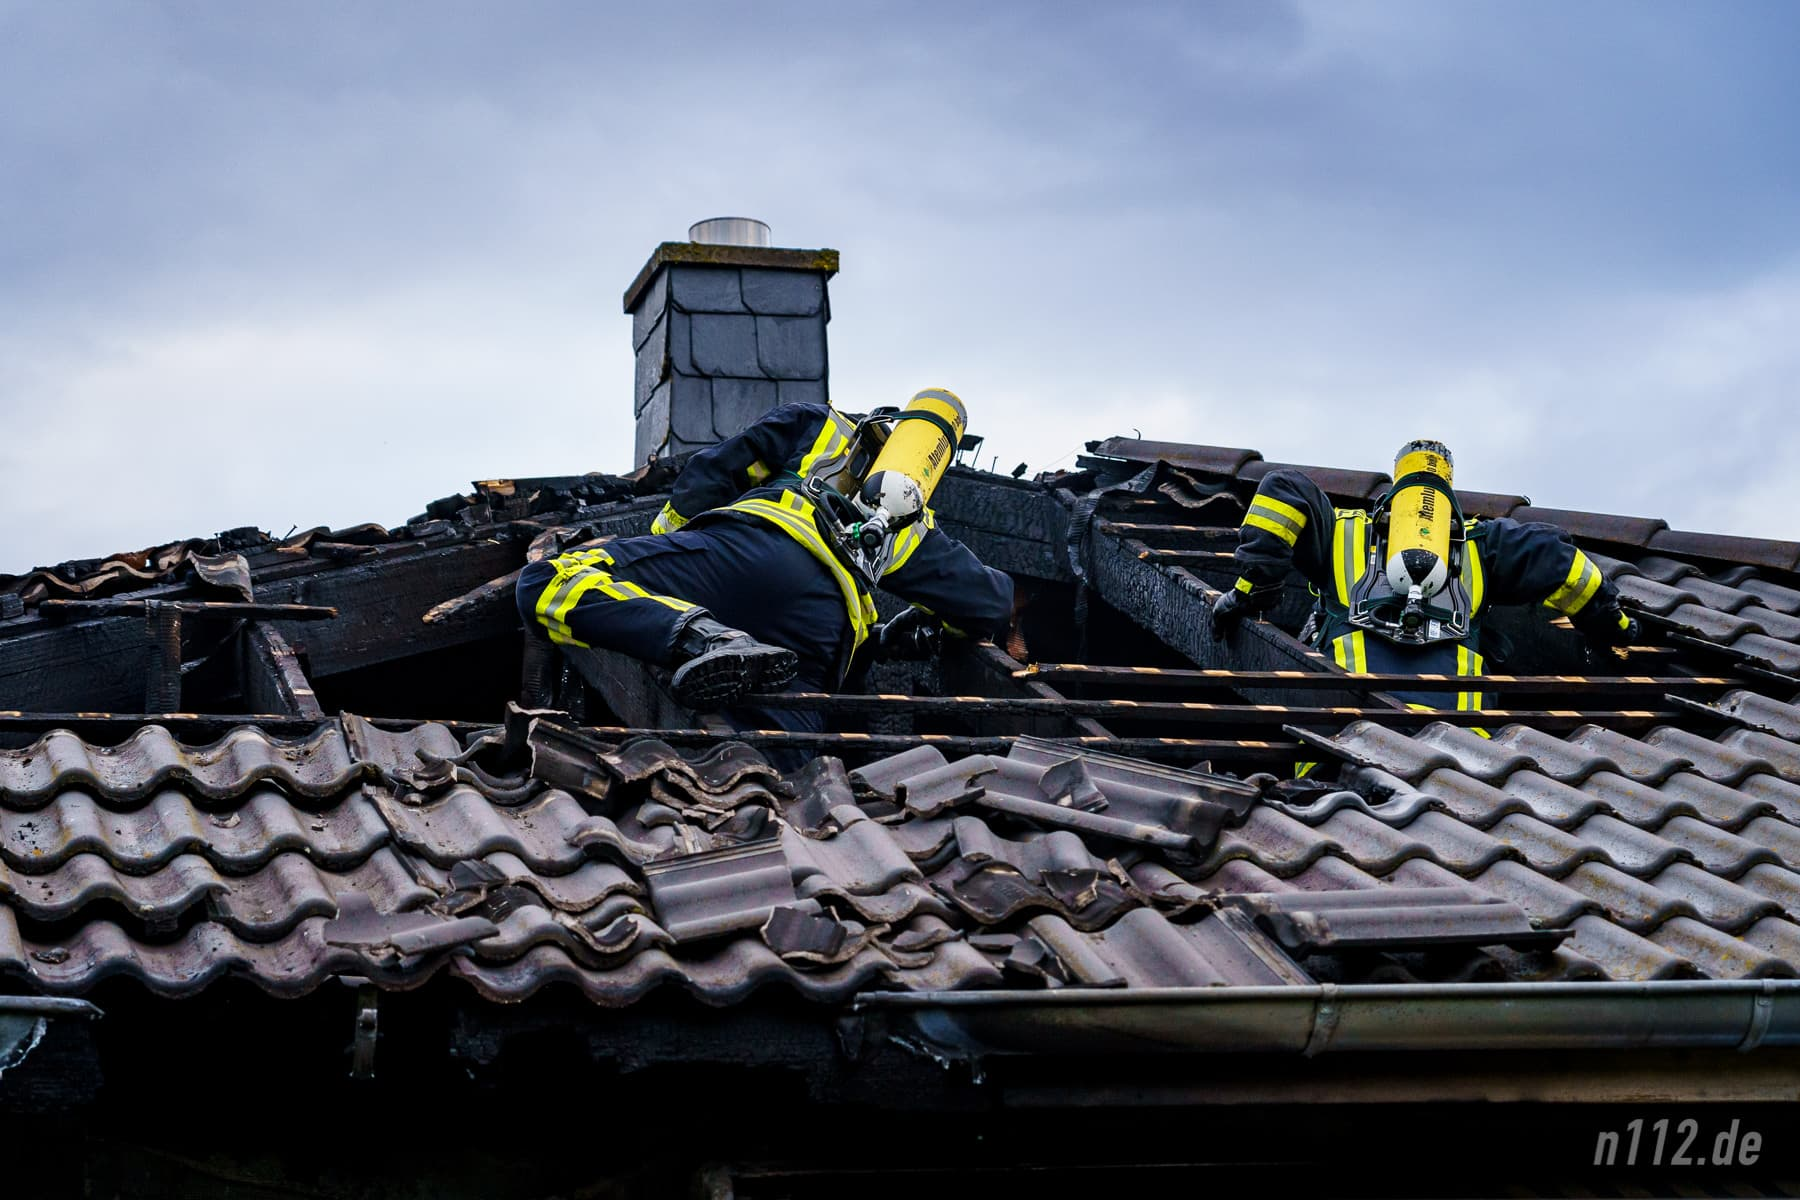 Feuerwehrleute löschen letzte Glutnester im Dach (Foto: n112.de/Stefan Simonsen)